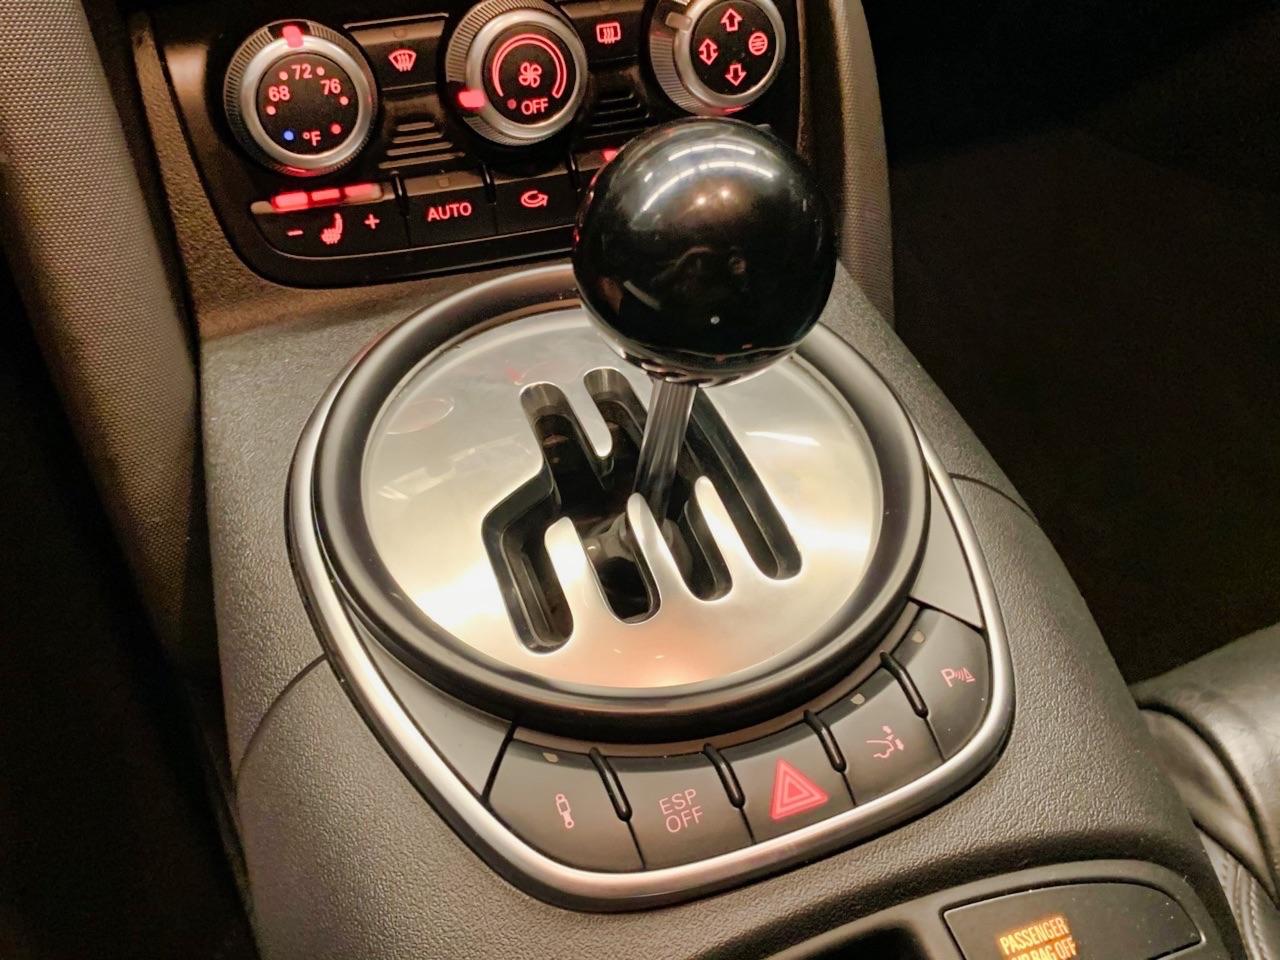 Audi R8 V8 4.2 l - Shootée au biturbo 15